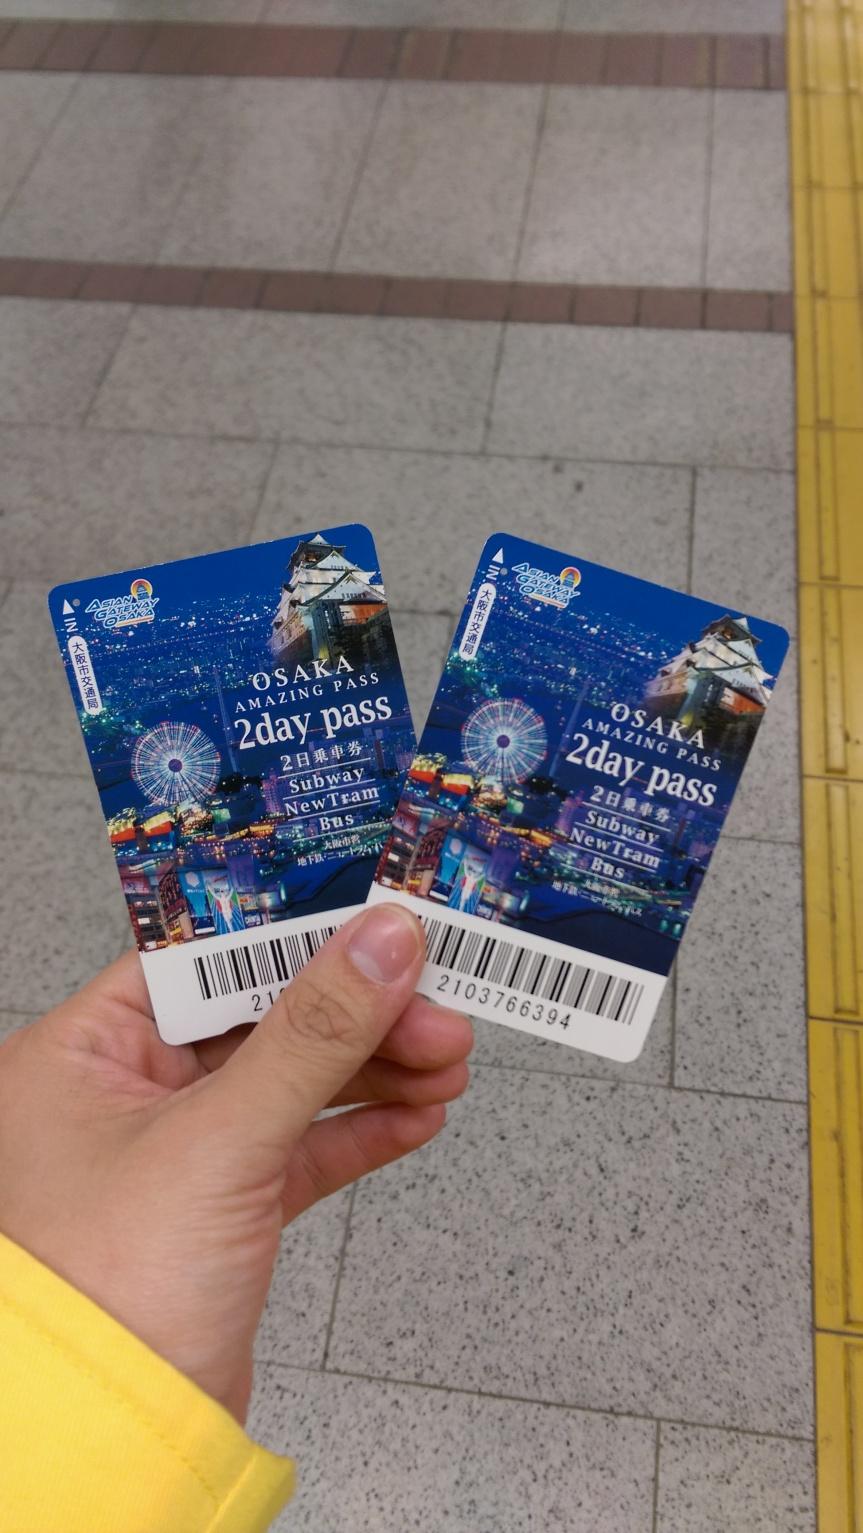 บัตรเบ่ง Osaka Amazing Pass ณ โอซาก้า ขึ้นรถไฟ subway unlimited และเข้าฟรี 28 ที่เที่ยวทั่วโอซาก้า (1/2)